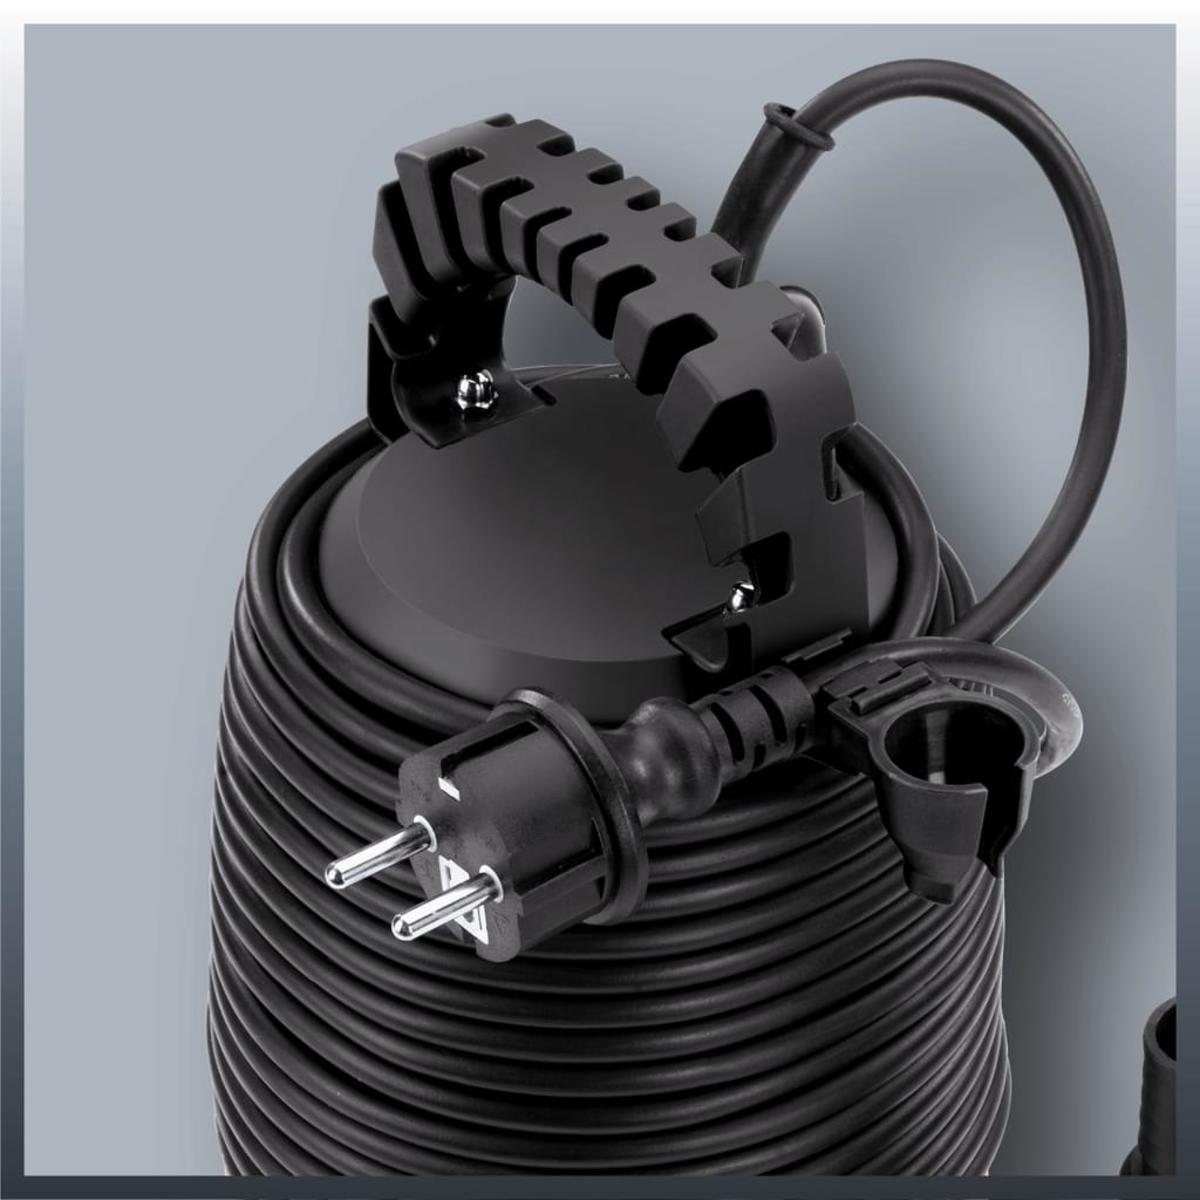 Bild 3 von Einhell Schmutzwasserpumpe GC-DP 7835, Leistung 780 Watt, Fördermenge max. 15700 l/h, 4170682